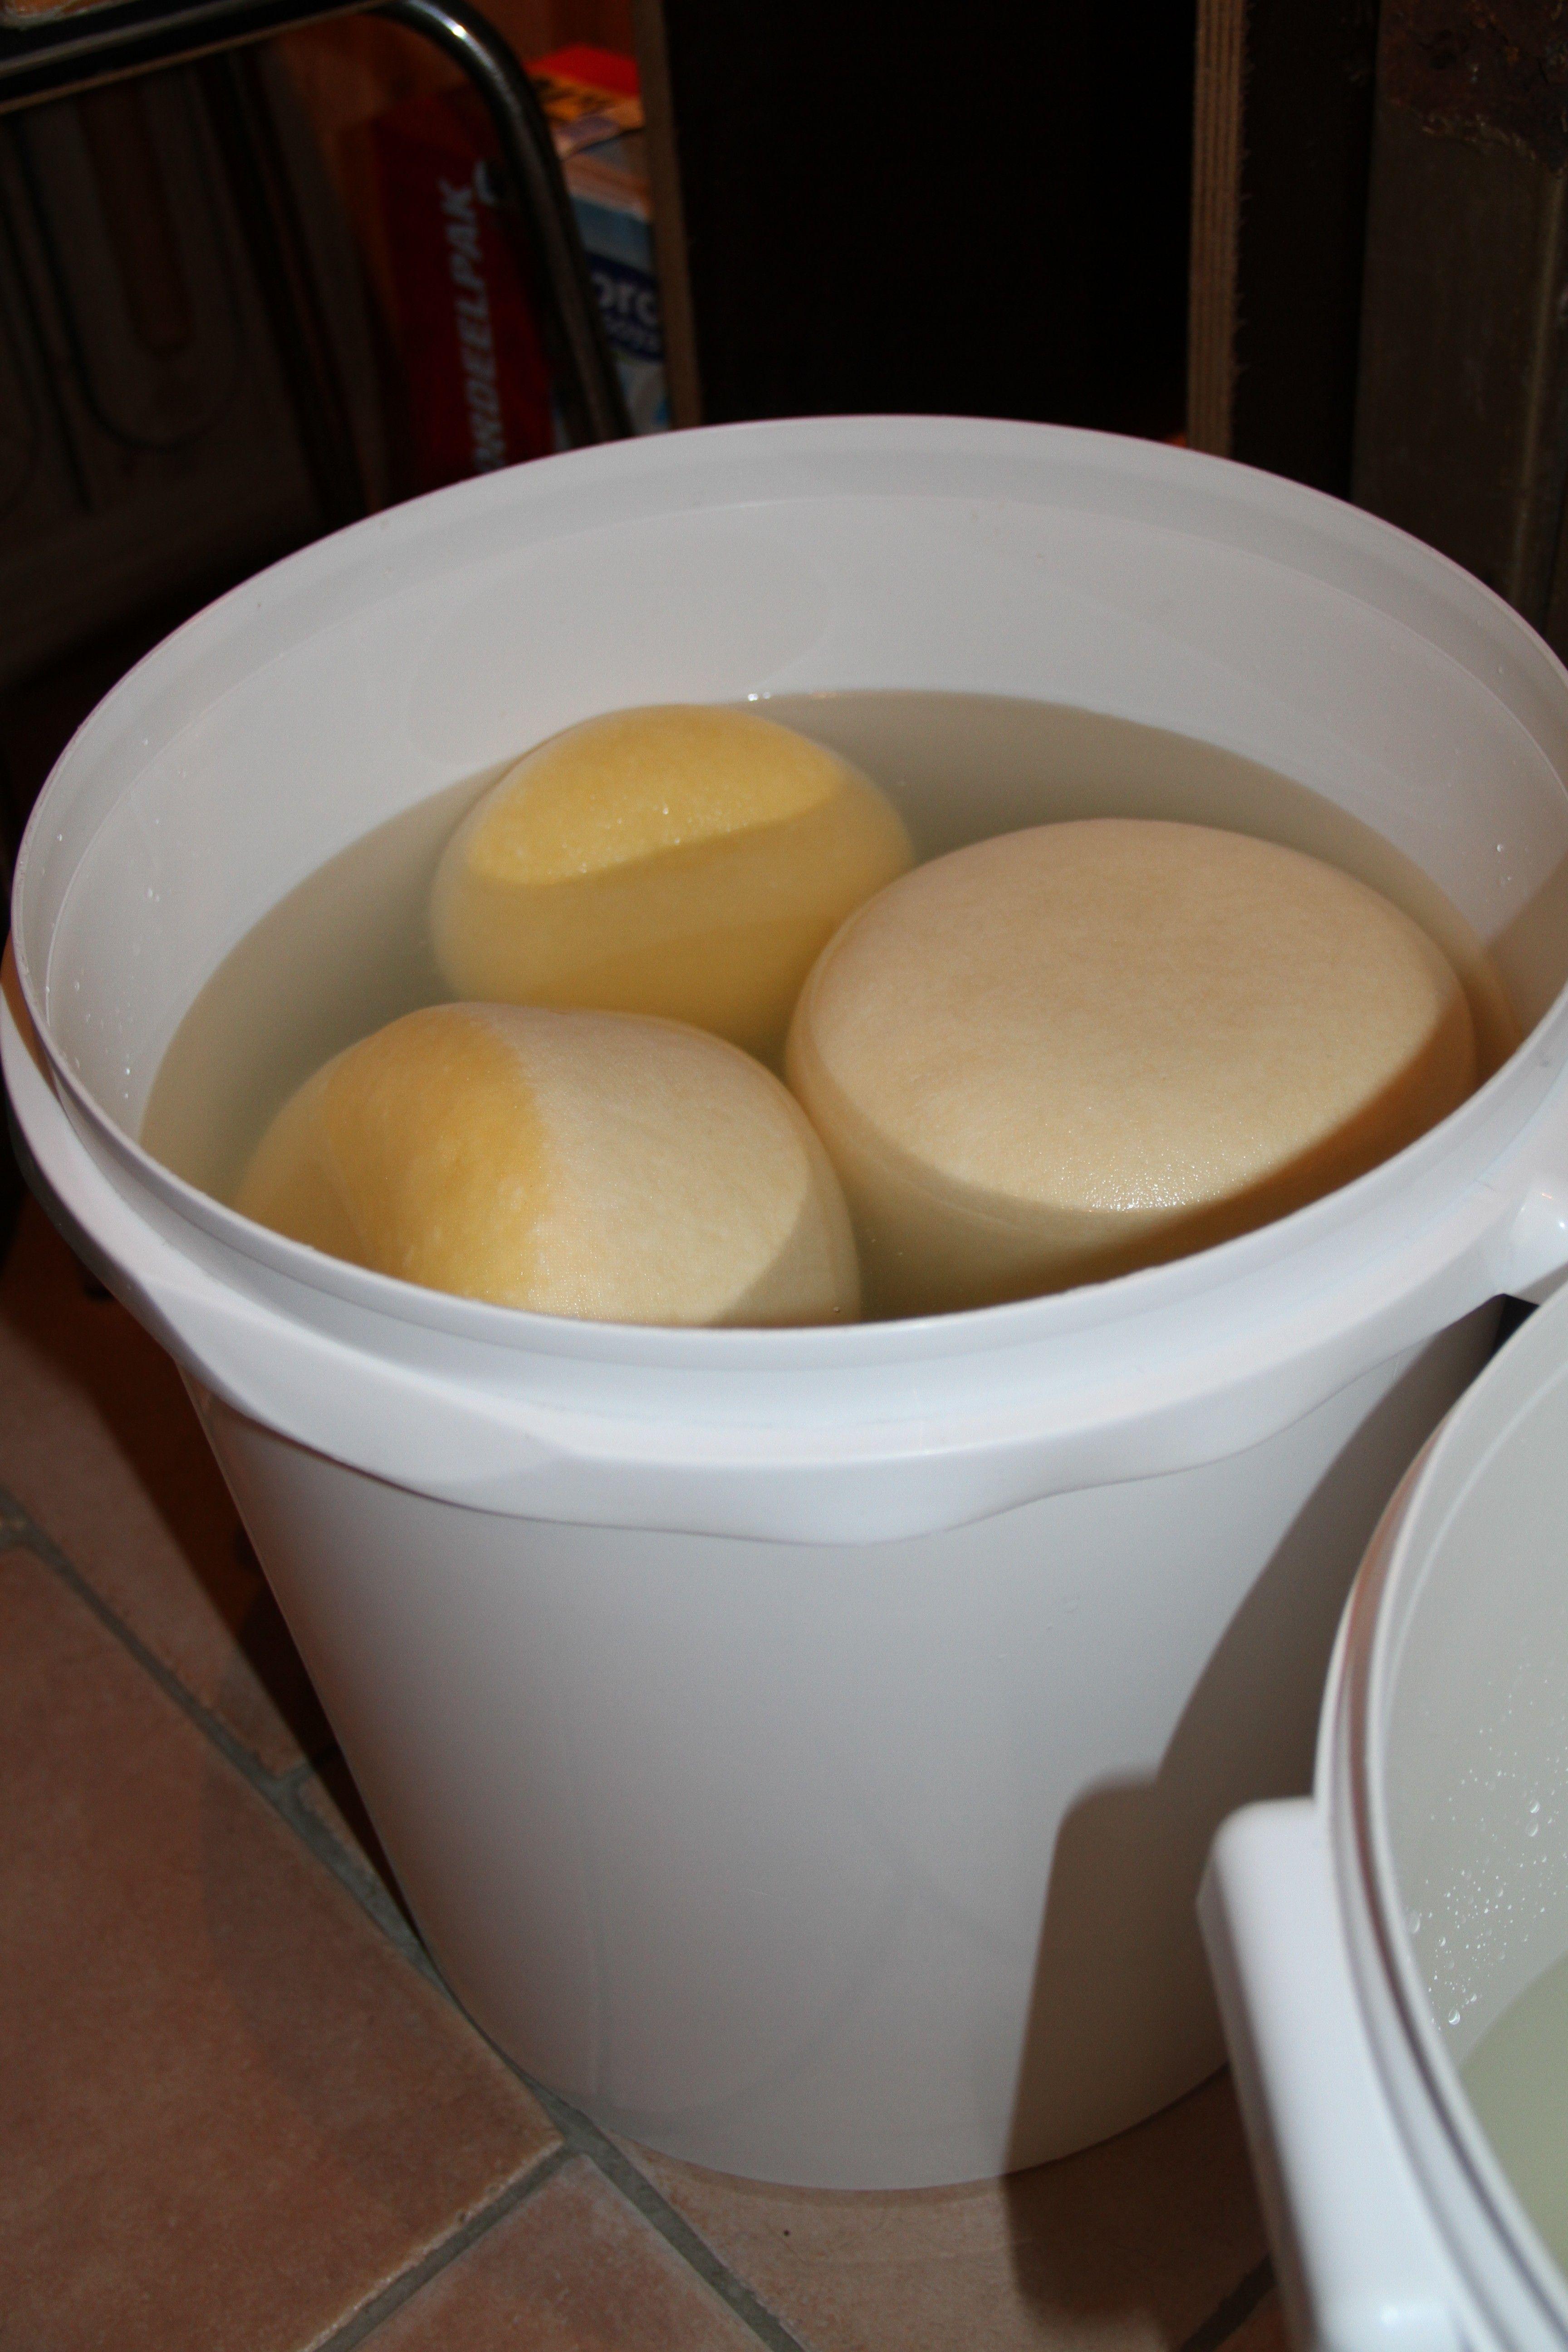 zelf kaas maken recept